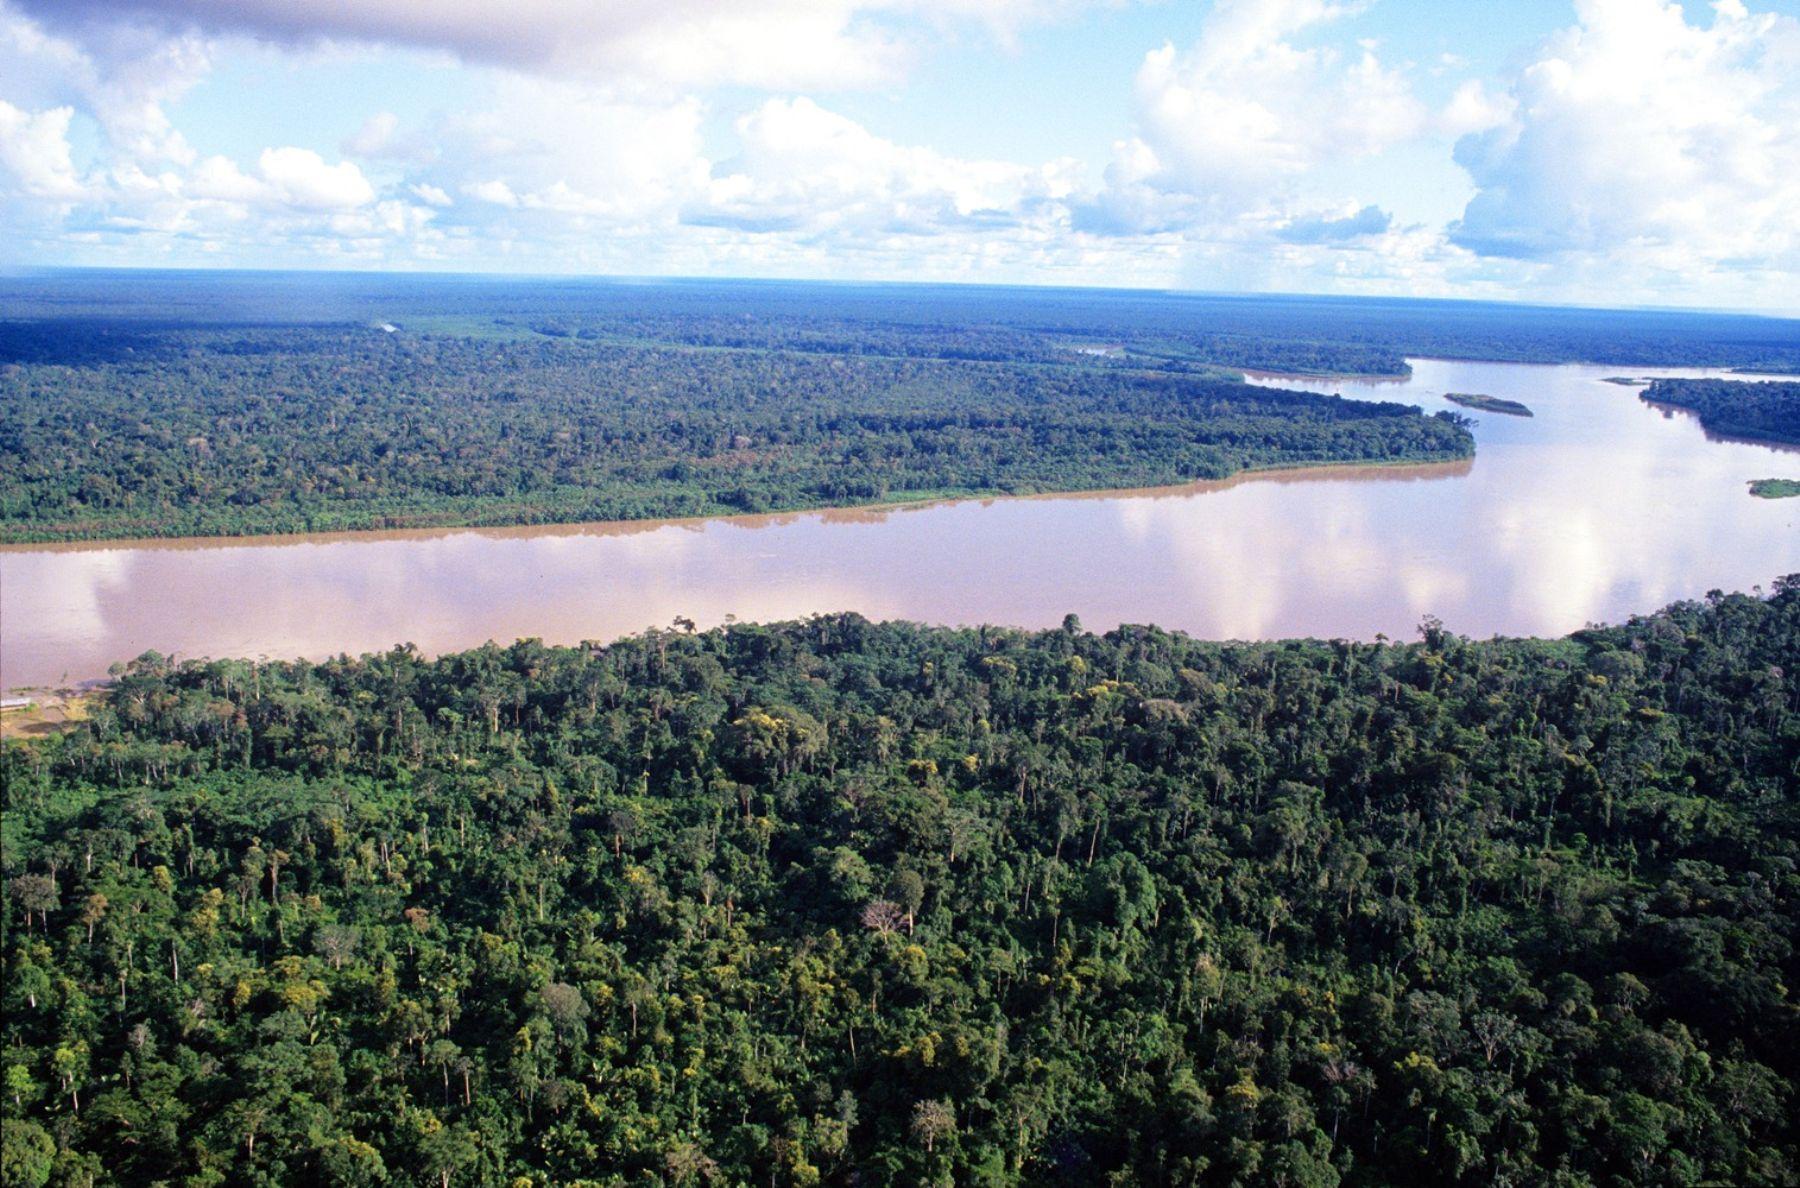 rio-amazonas-en-alerta-roja-al-aumentar-su-nivel-debido-a-lluvias-intensas